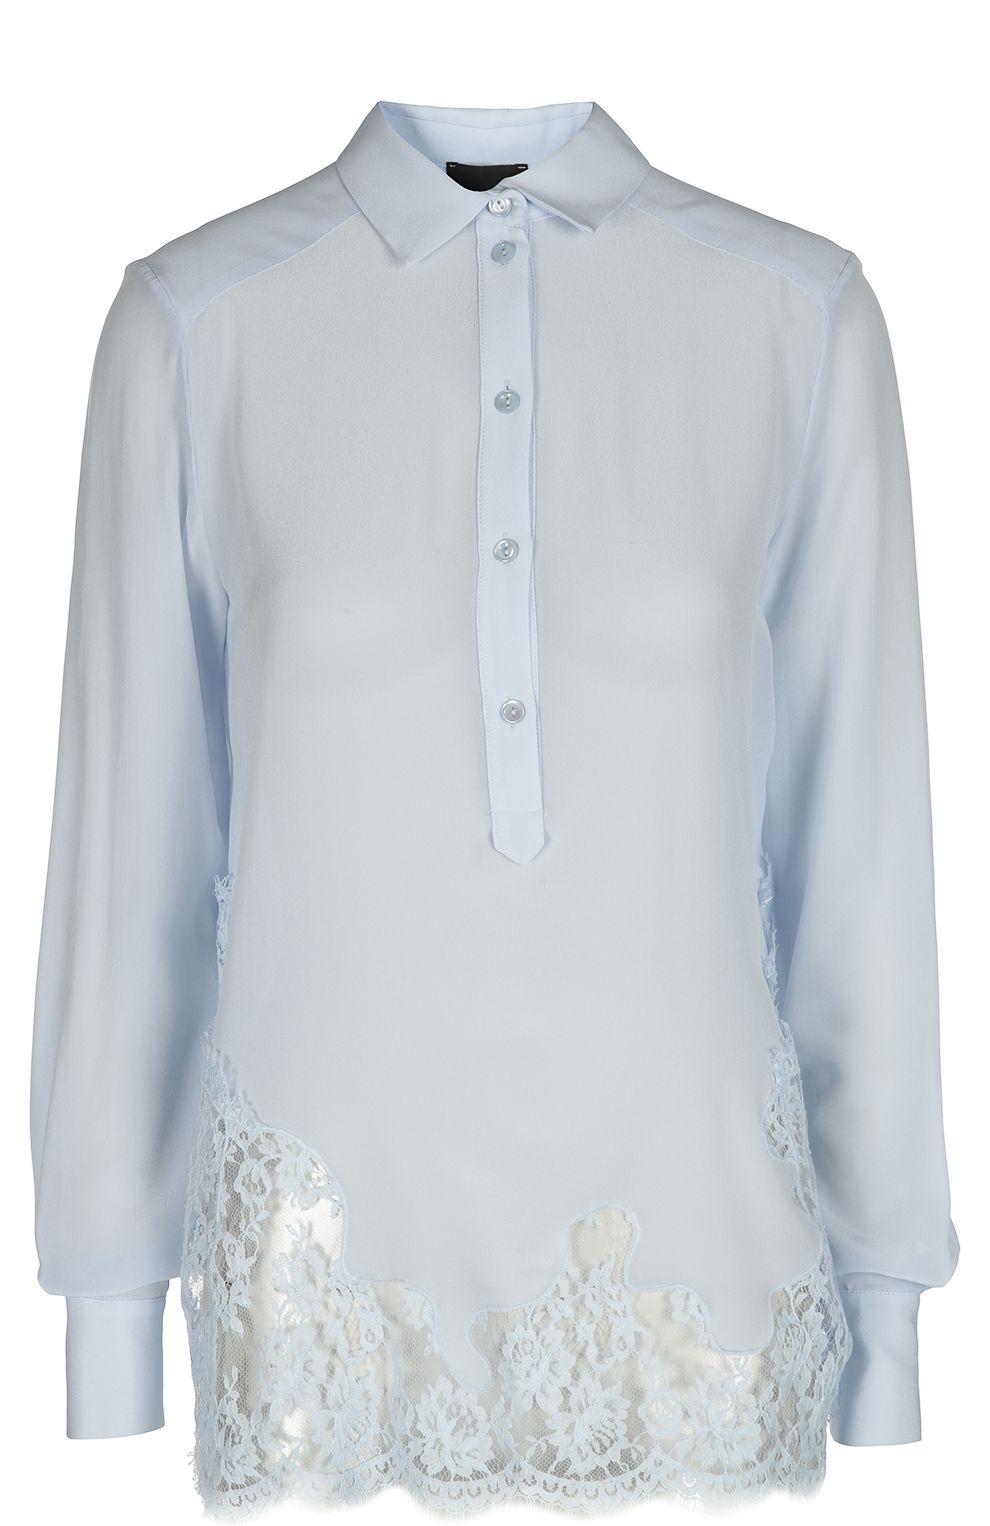 ad4a7f206 Женская синяя удлиненная шелковая блуза с кружевной вставкой ERMANNO-ERMANNO  SCERVINO — купить за 31800 руб. в интернет-магазине ЦУМ, арт. 38T/CM29 V1